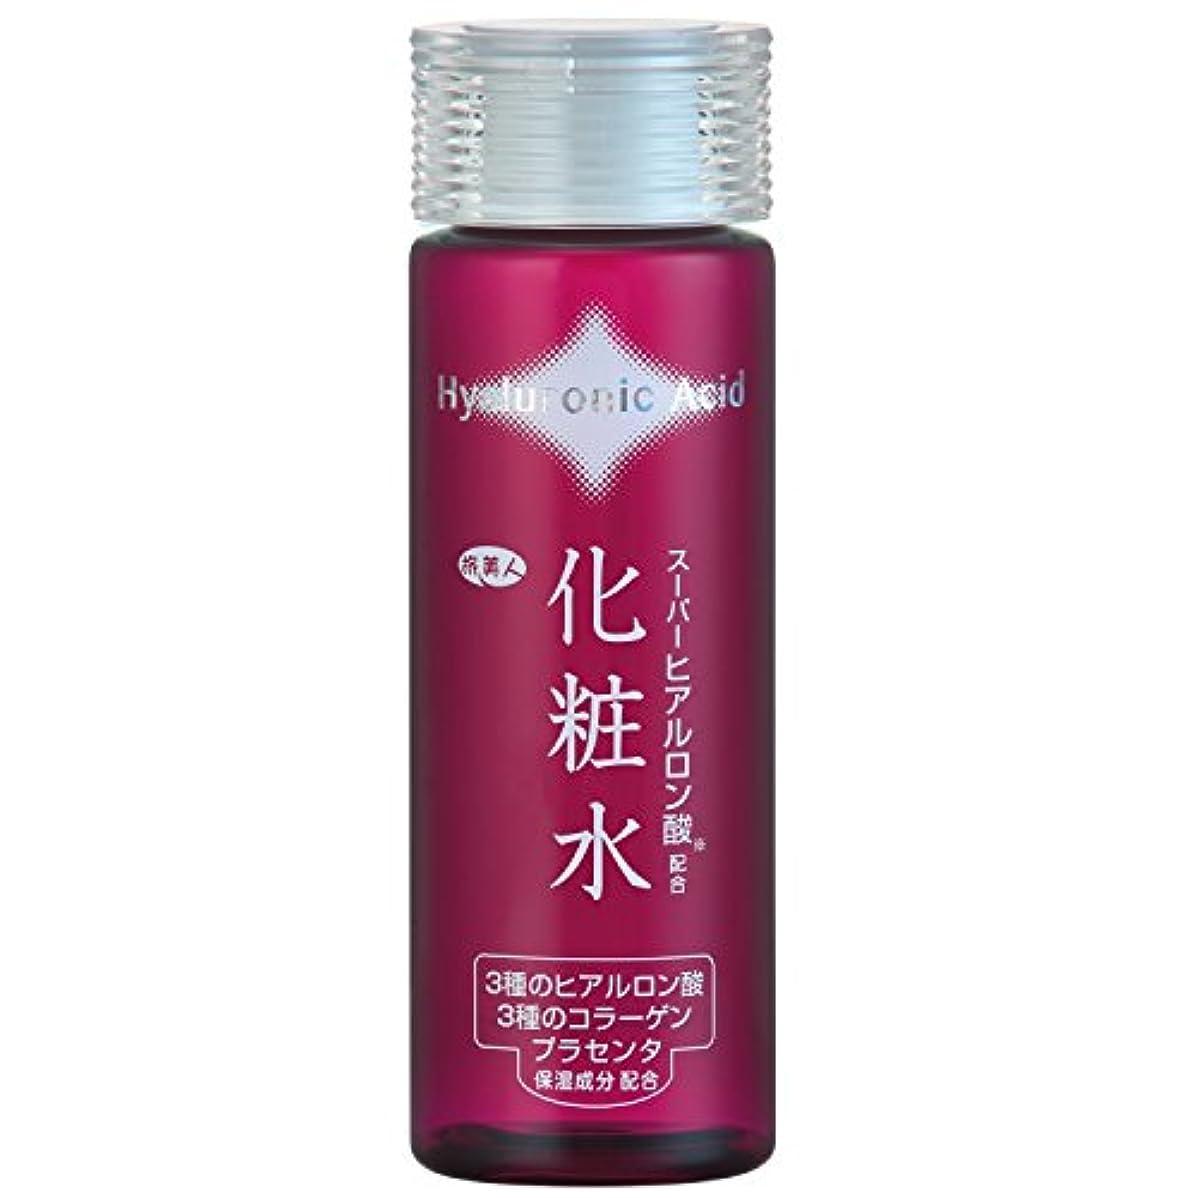 治療ズボン見ましたアズマ商事のスーパーヒアルロン酸配合化粧水